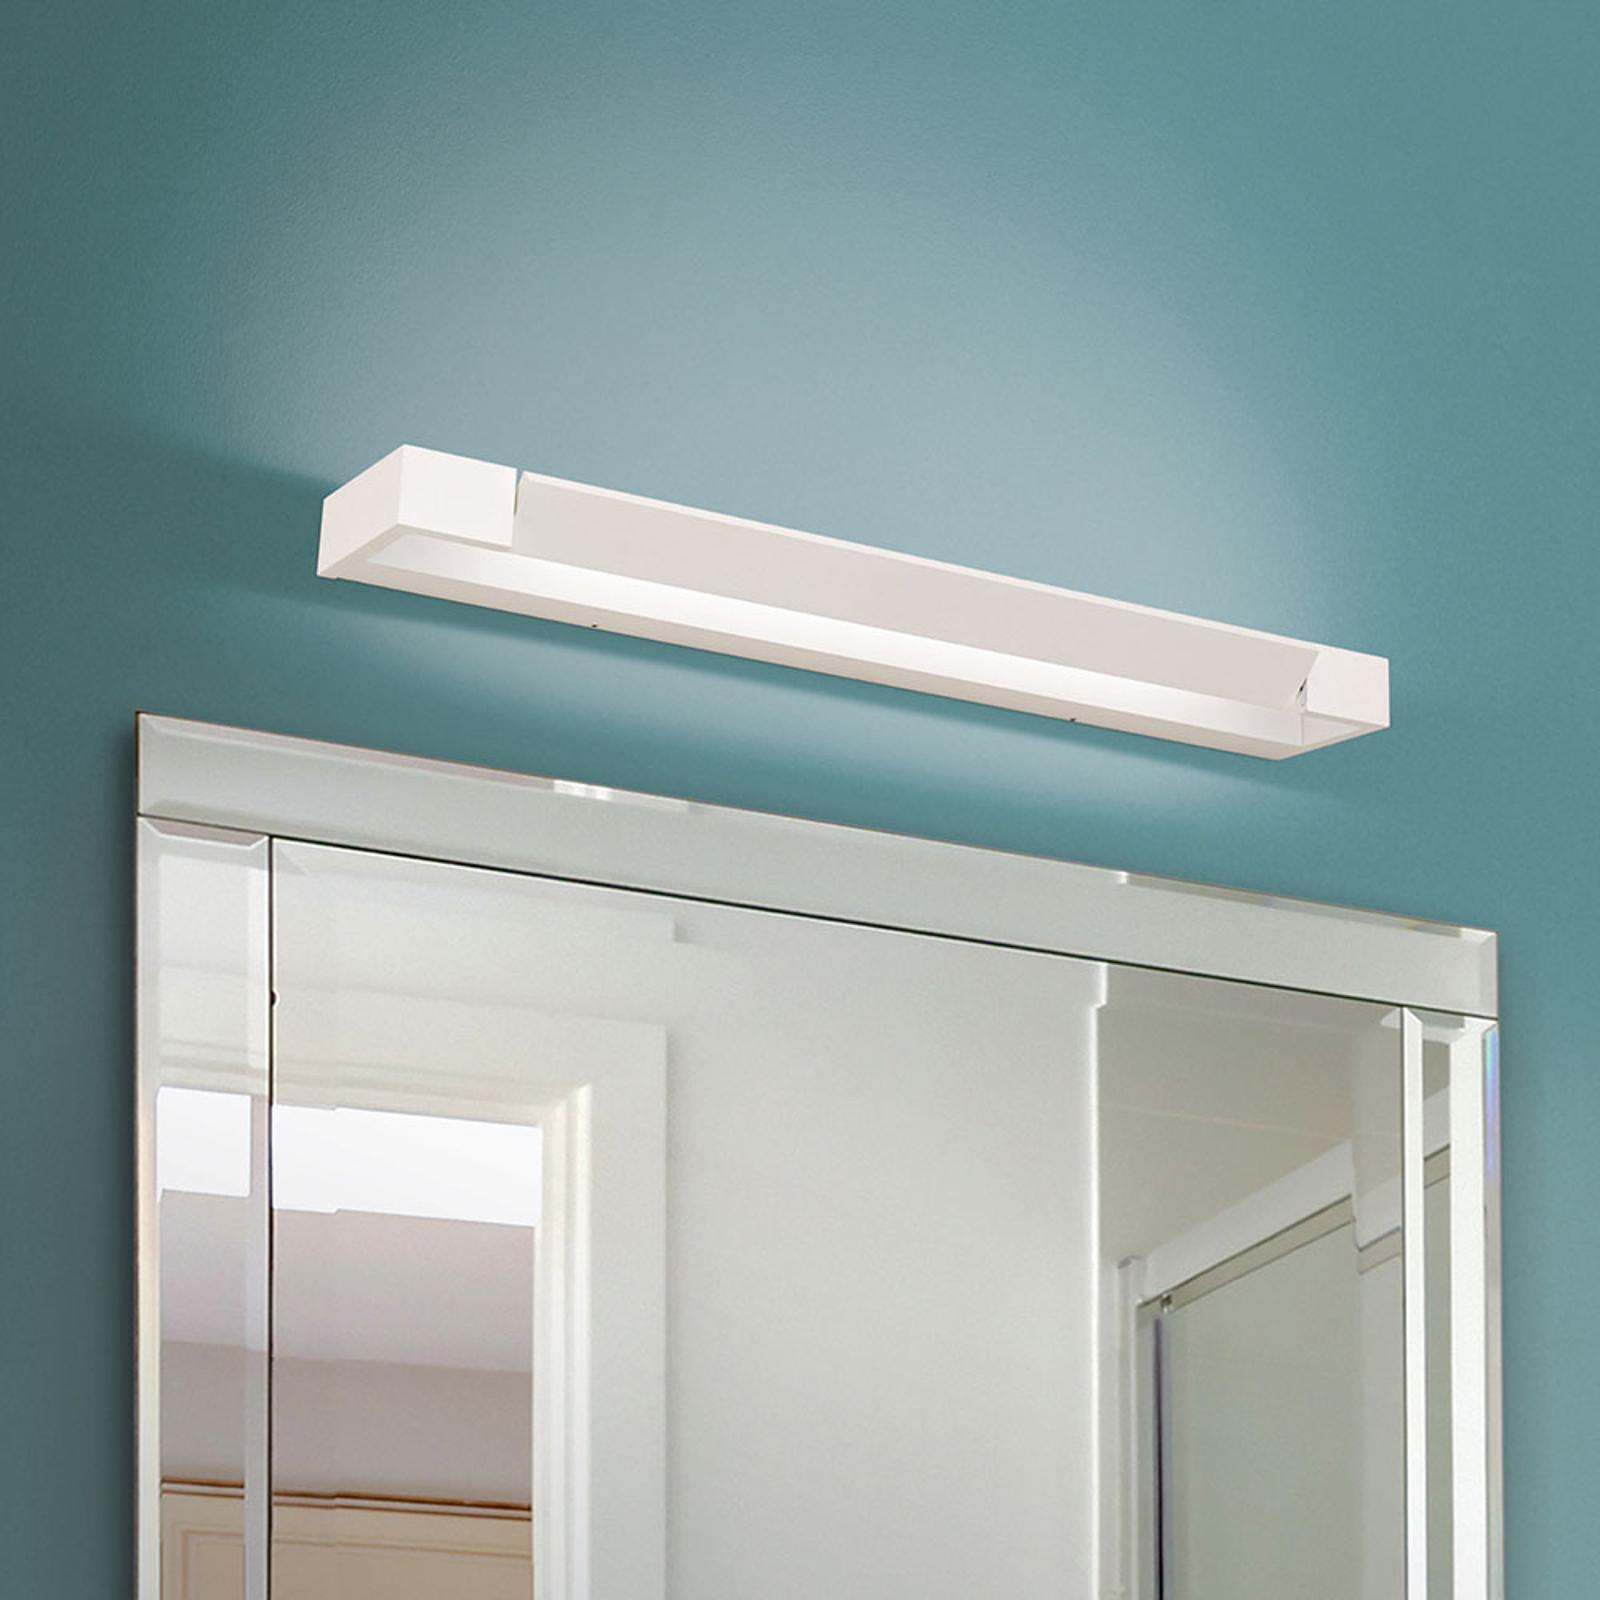 LED-peililamppu Marilyn, käännettävä 60 cm